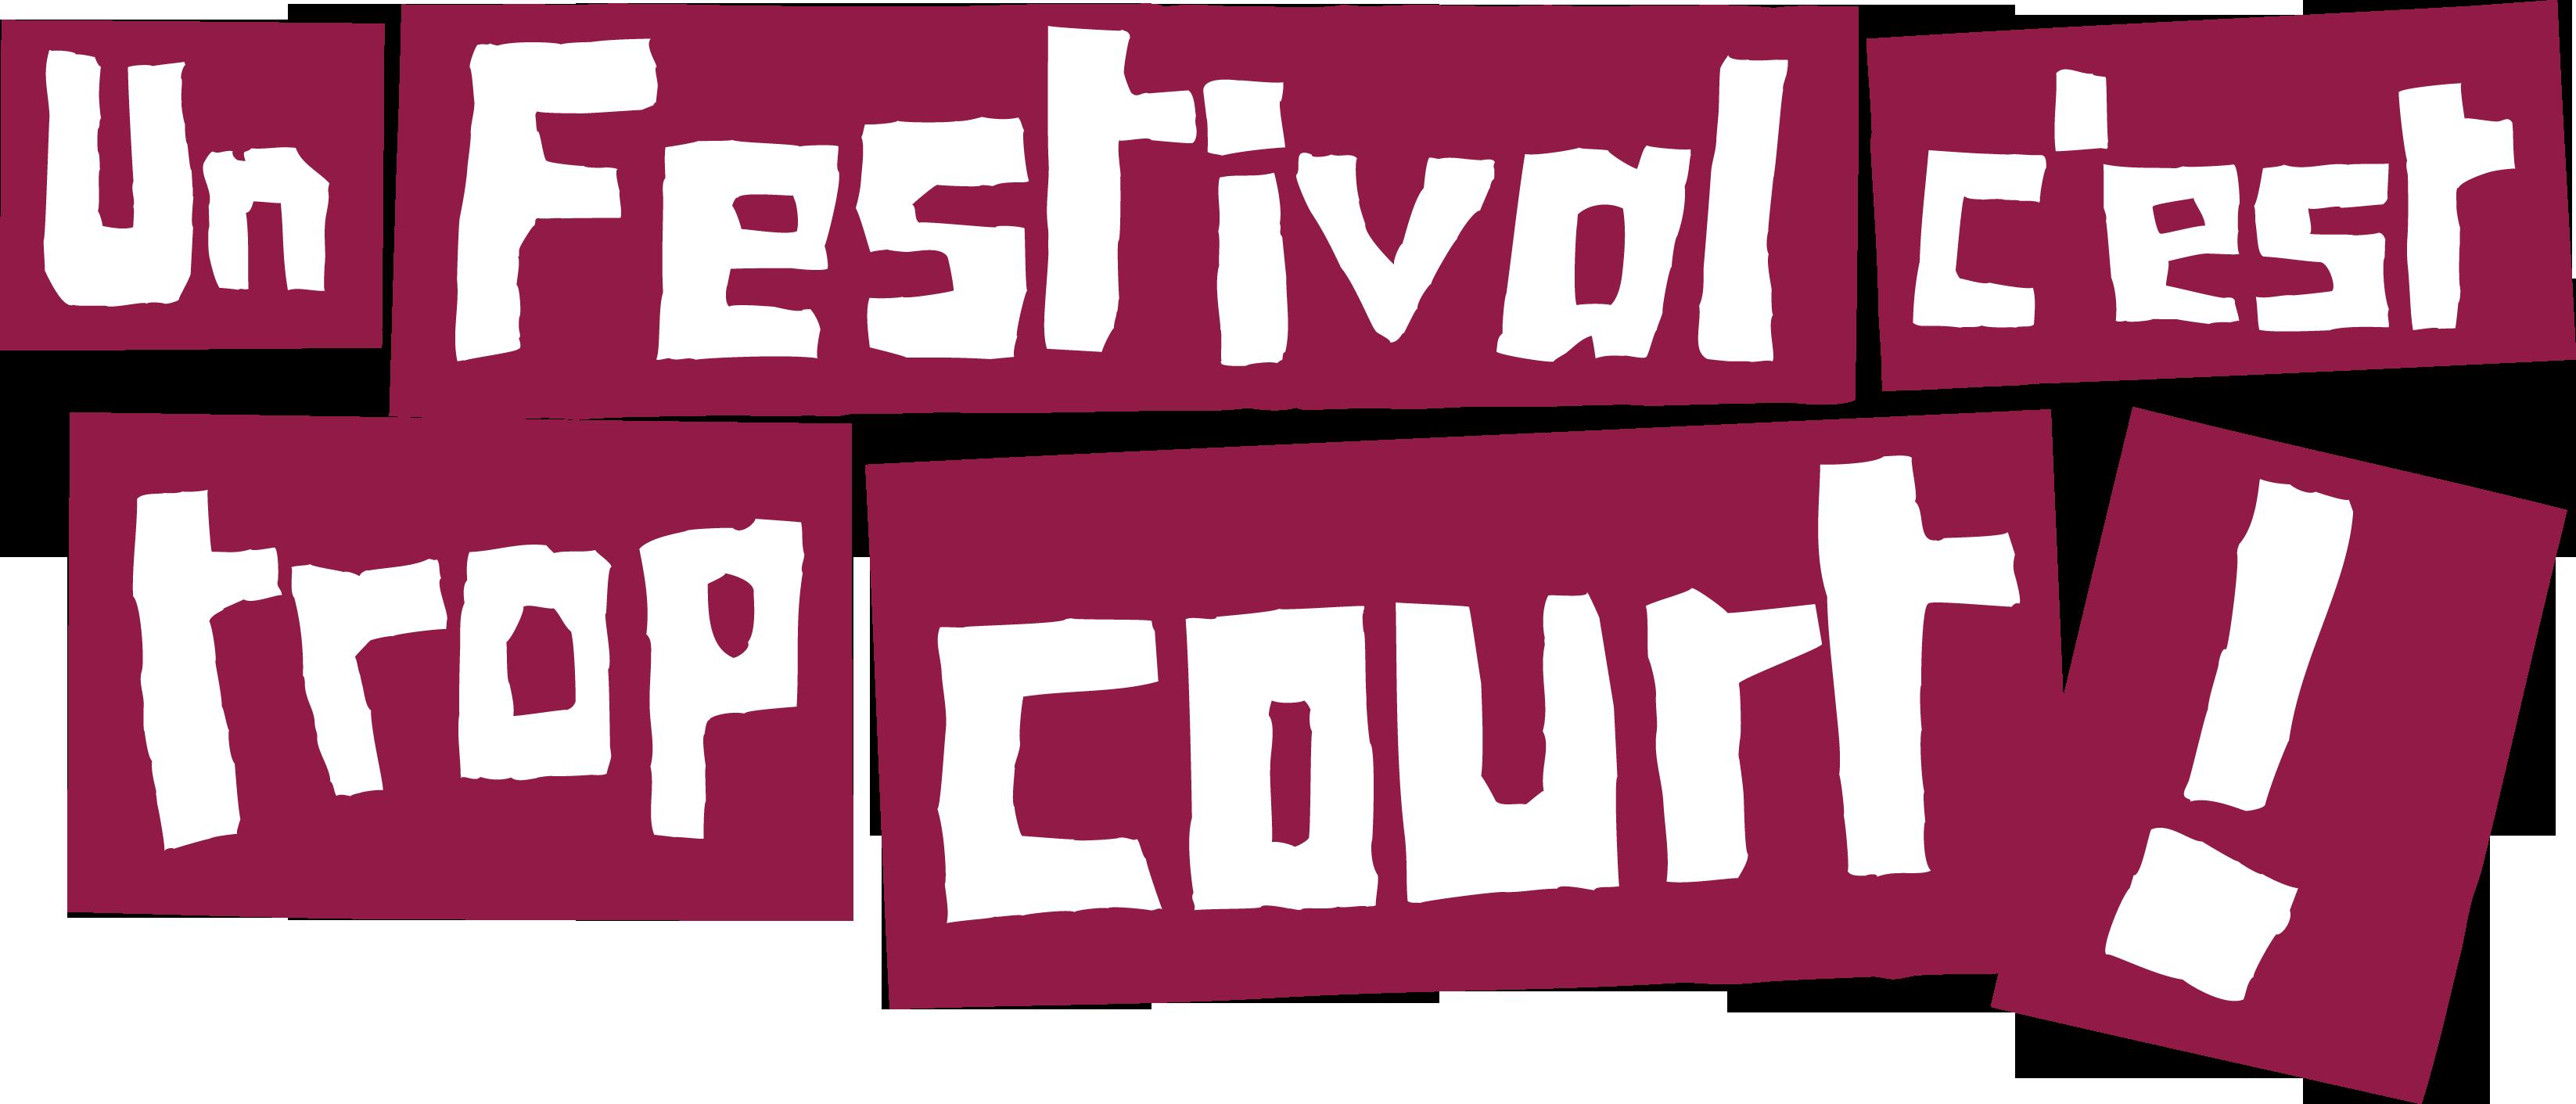 Nice : Festival Européen du Court-Métrage du 13 au 19 Octobre 2014…